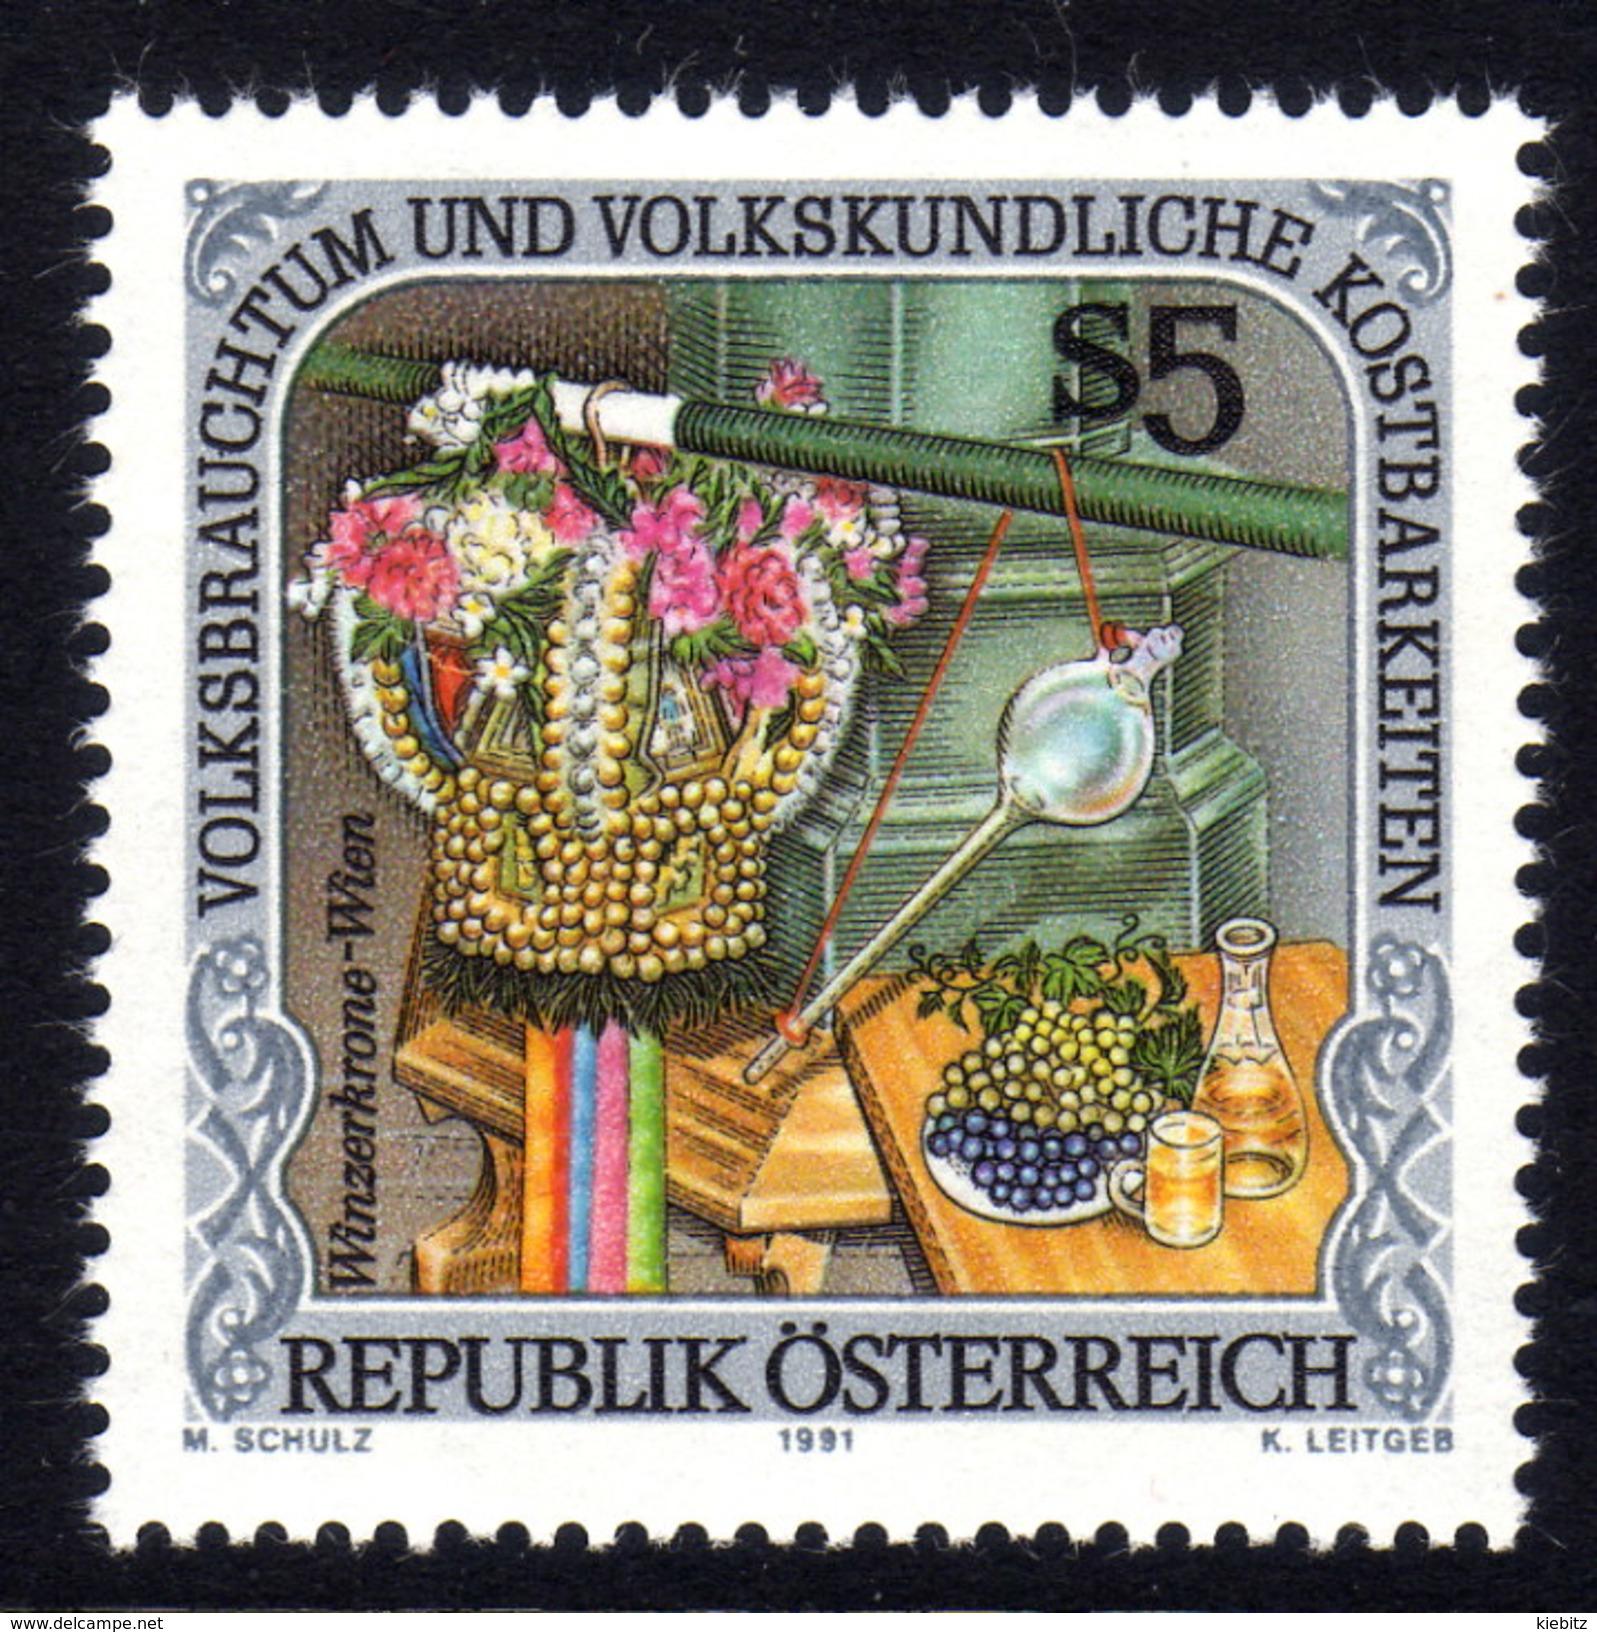 ÖSTERREICH 1991 ** Wein, Weintrauben, Zugheber, Winzerkrone - MNH - Wein & Alkohol